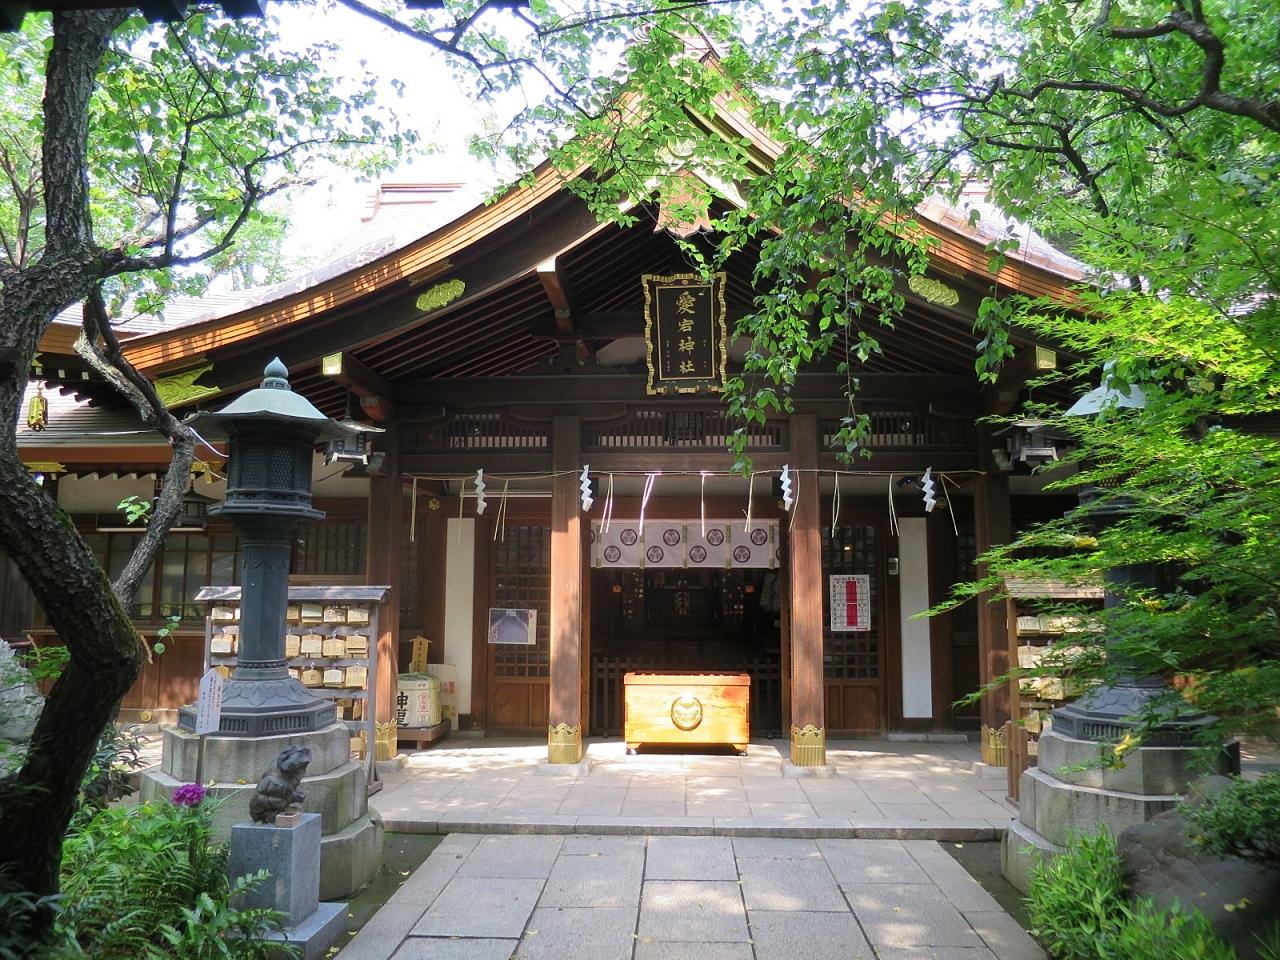 【6位】愛宕神社 / 三田・田町・芝浦